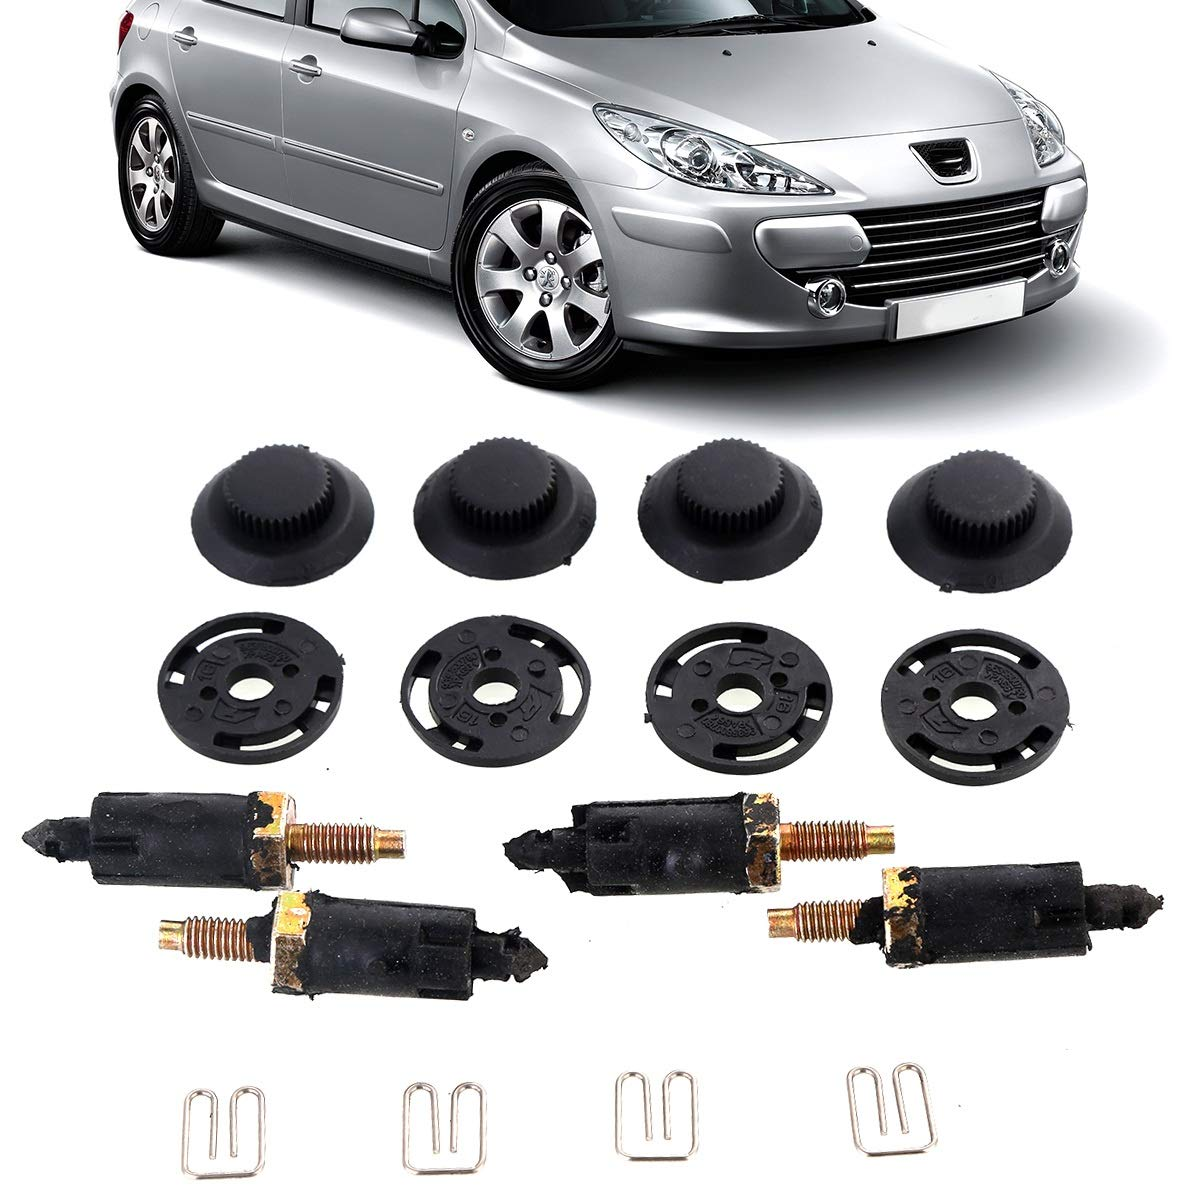 Nosii Juego de Pernos y Clips de la Cubierta del Motor 8pcs / Set para Peugeot 307 406 2.0 HDI Engine: Amazon.es: Hogar